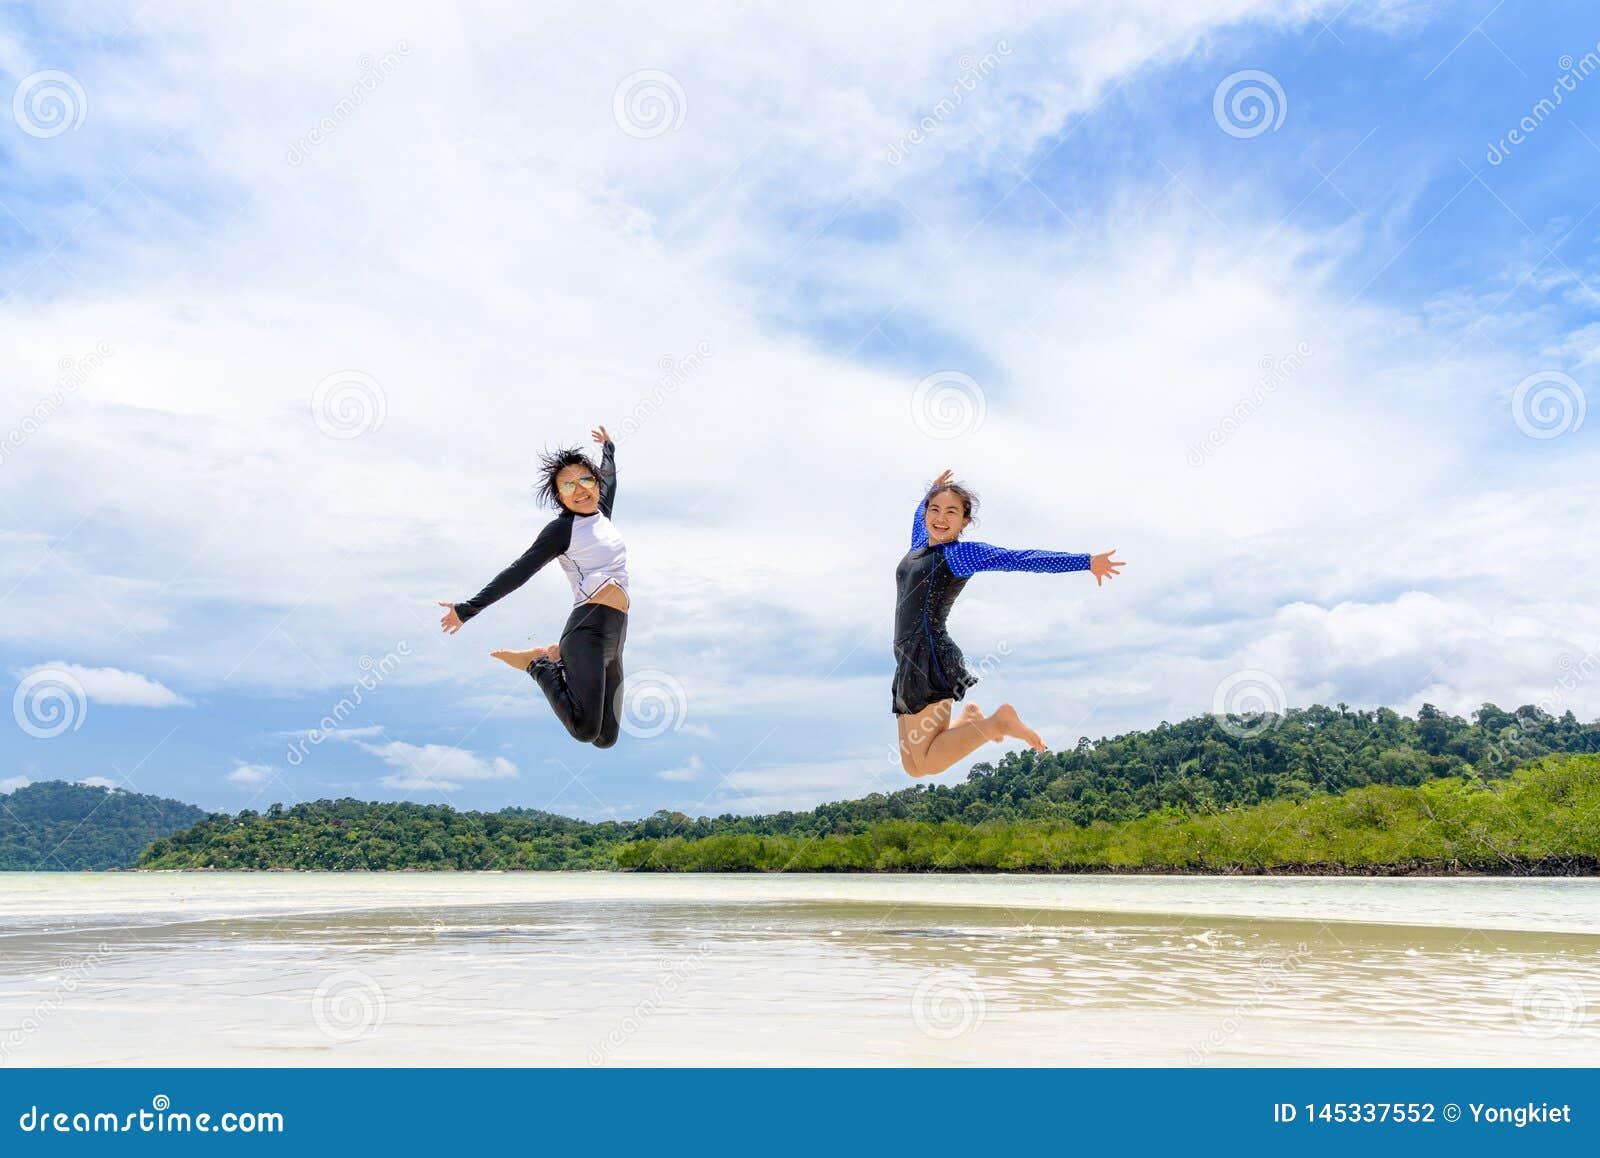 Dos amigos de muchachas adolescentes asiáticos que saltan para gozar en la playa